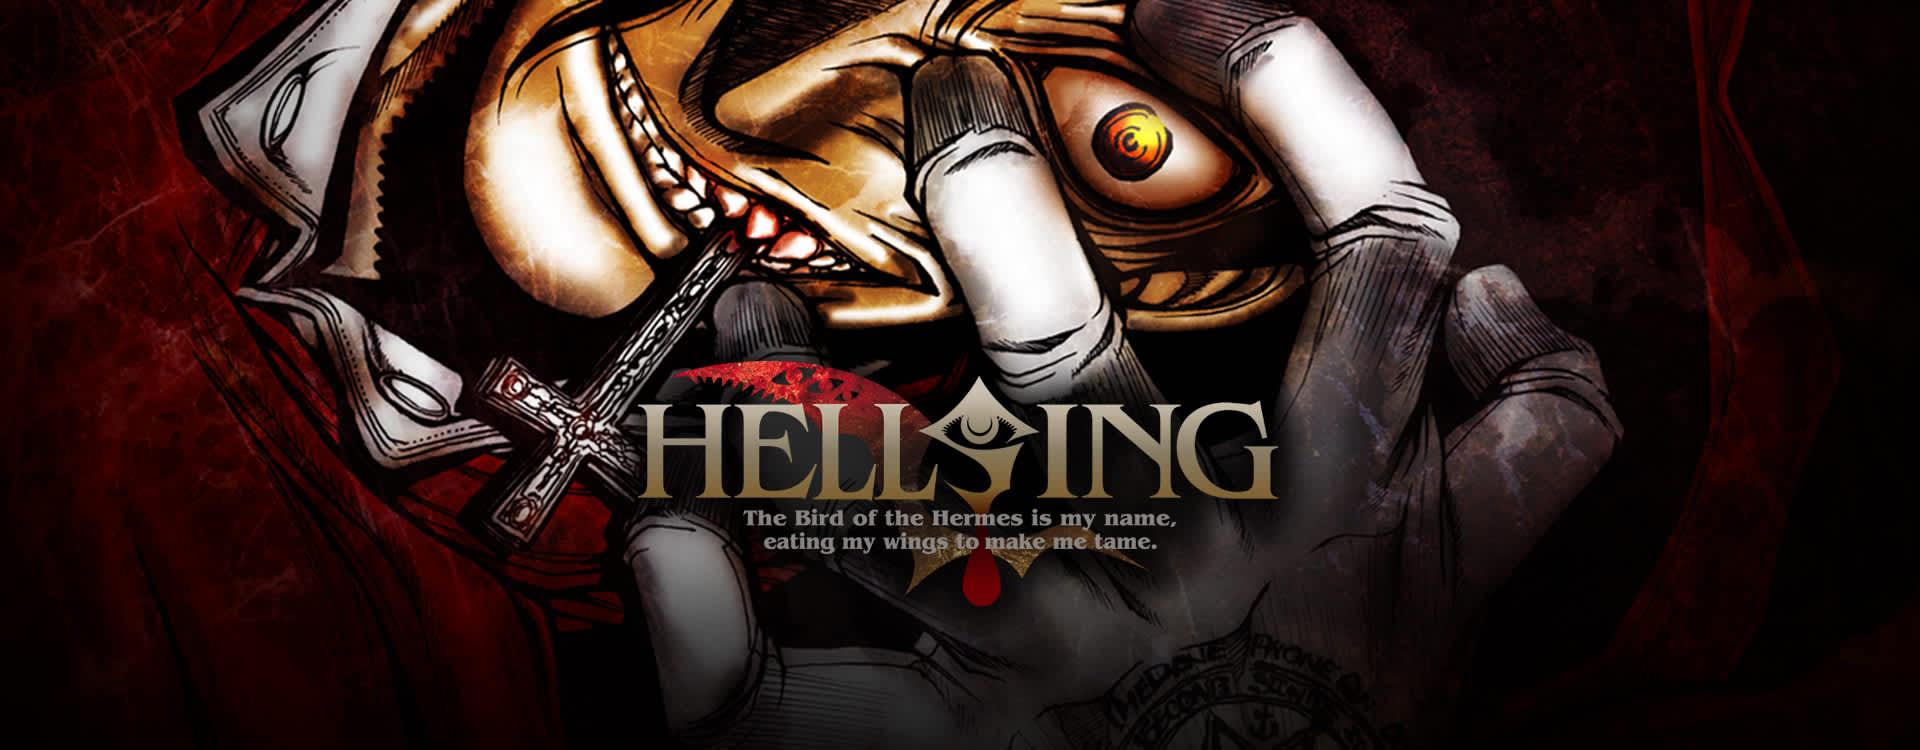 Hellsing Tv